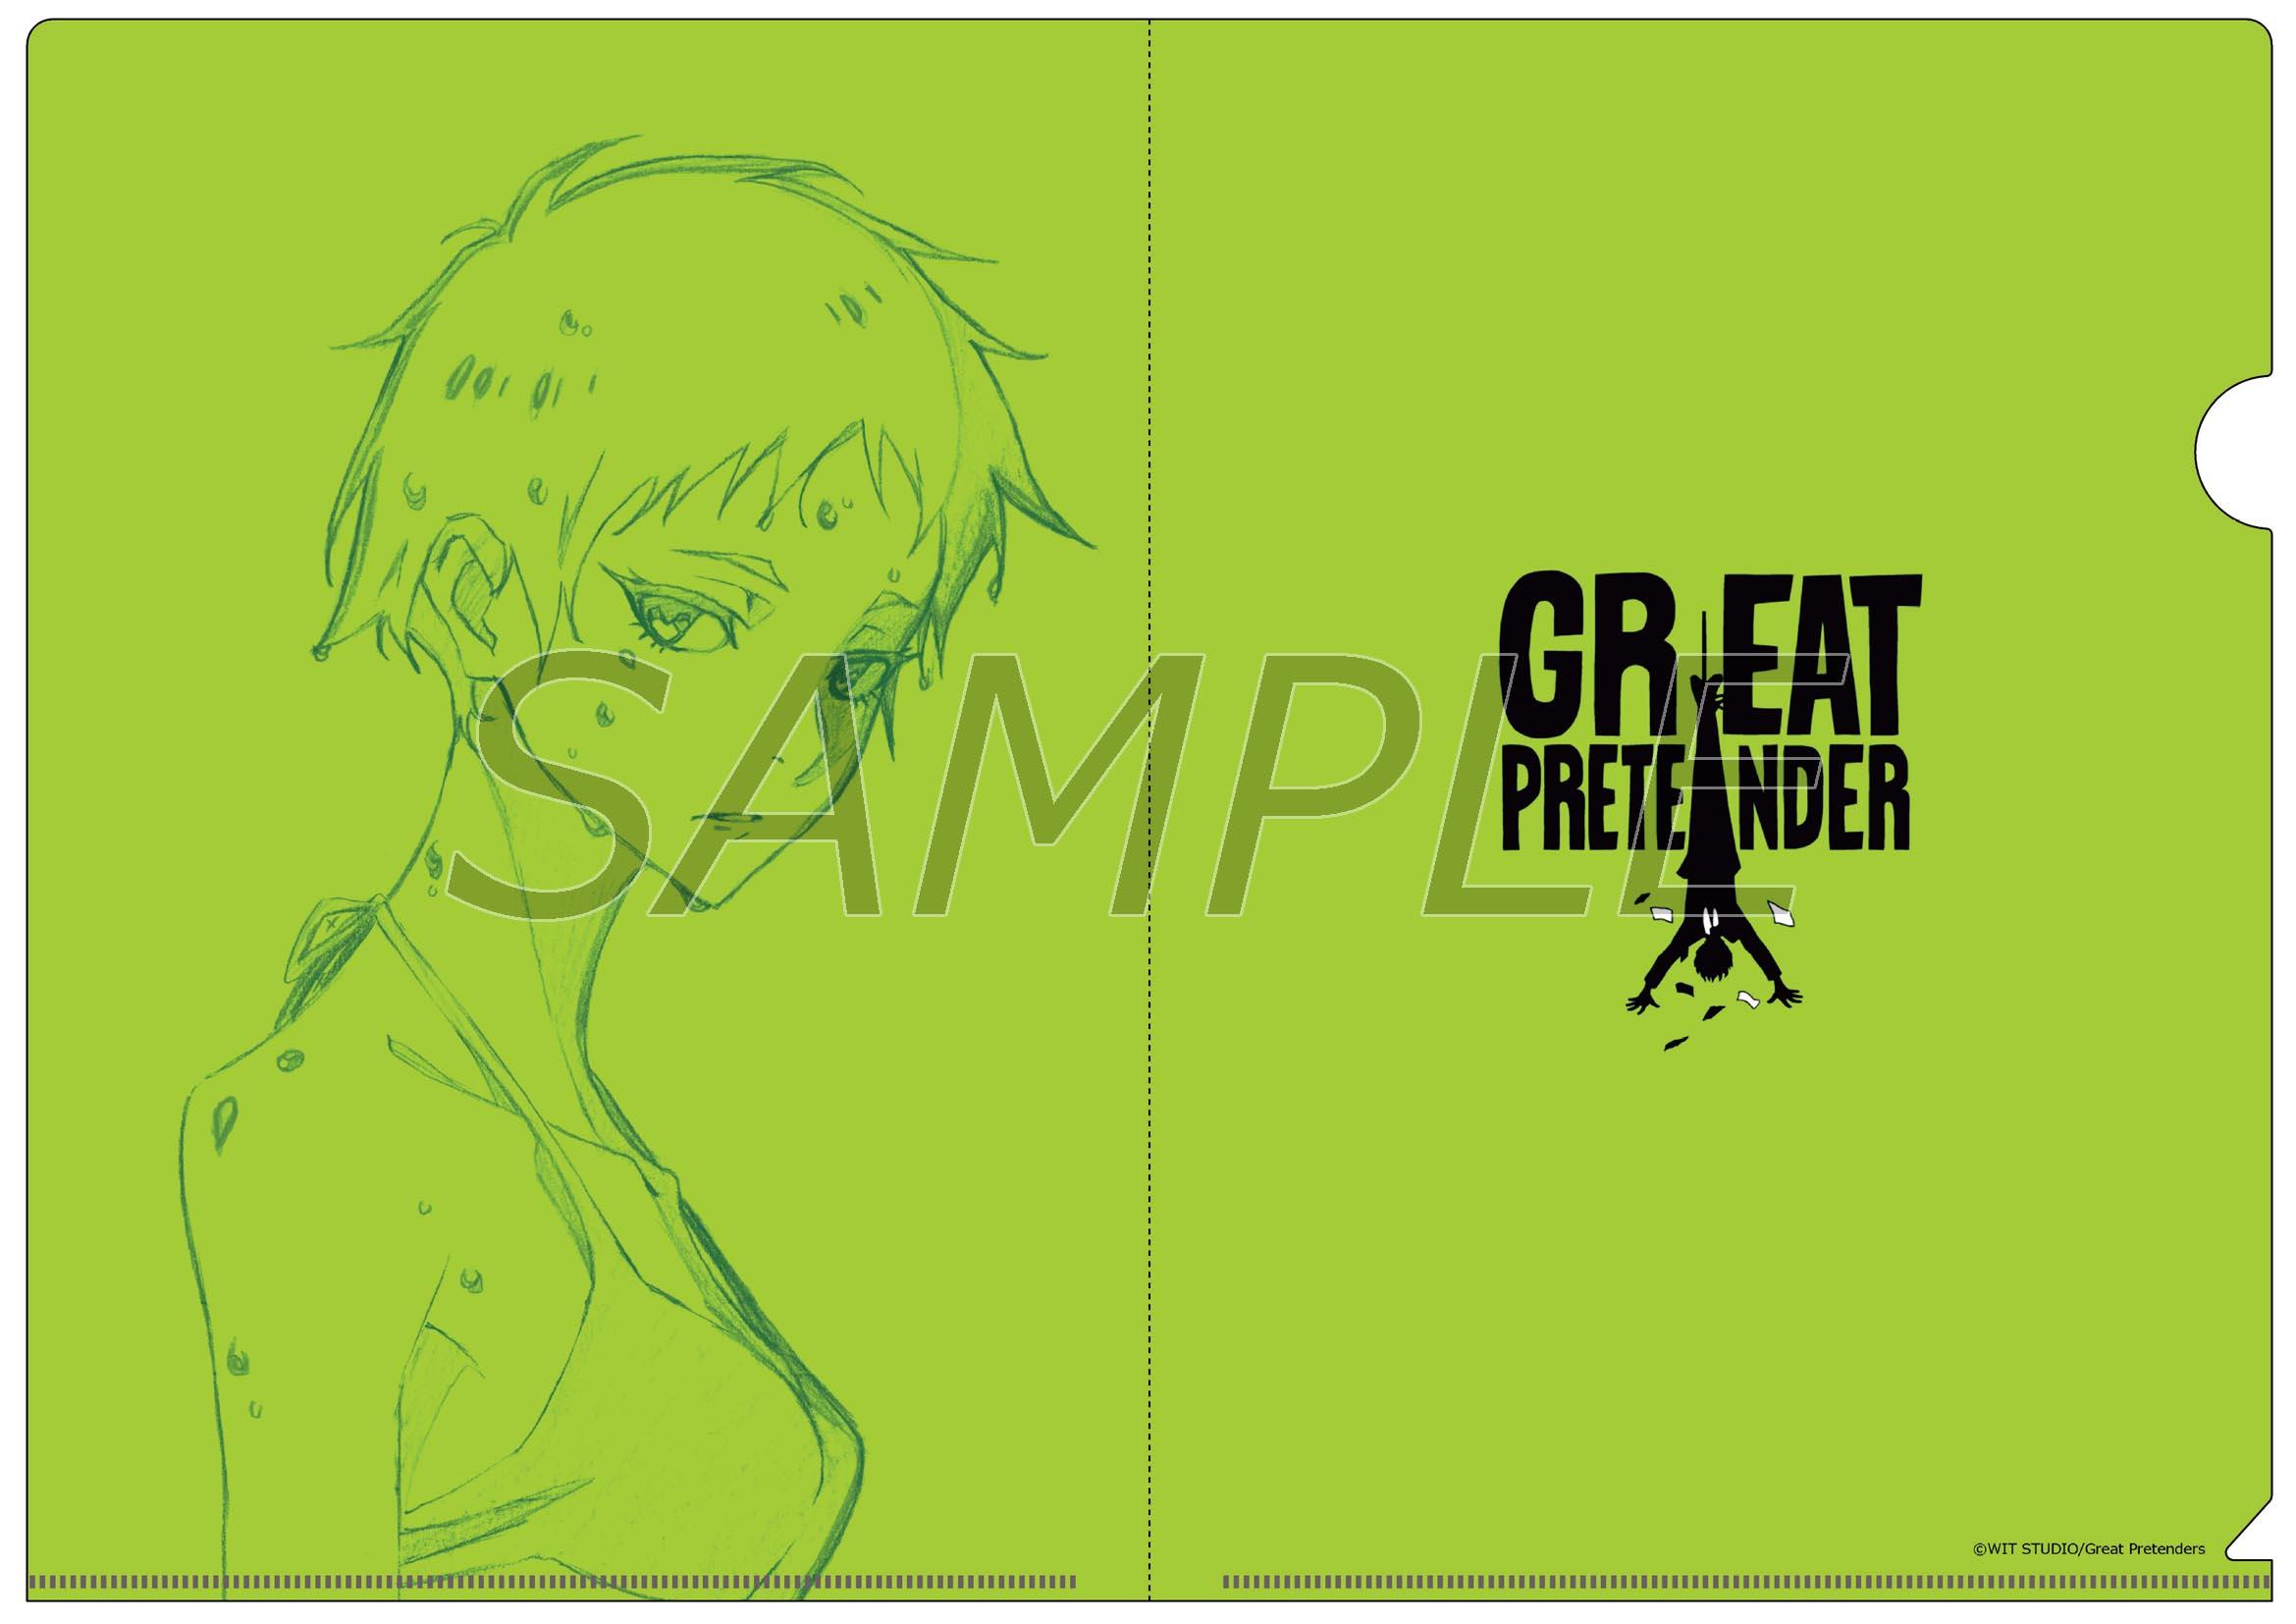 GREAT PRETENDER 原画クリアファイル(全4種)